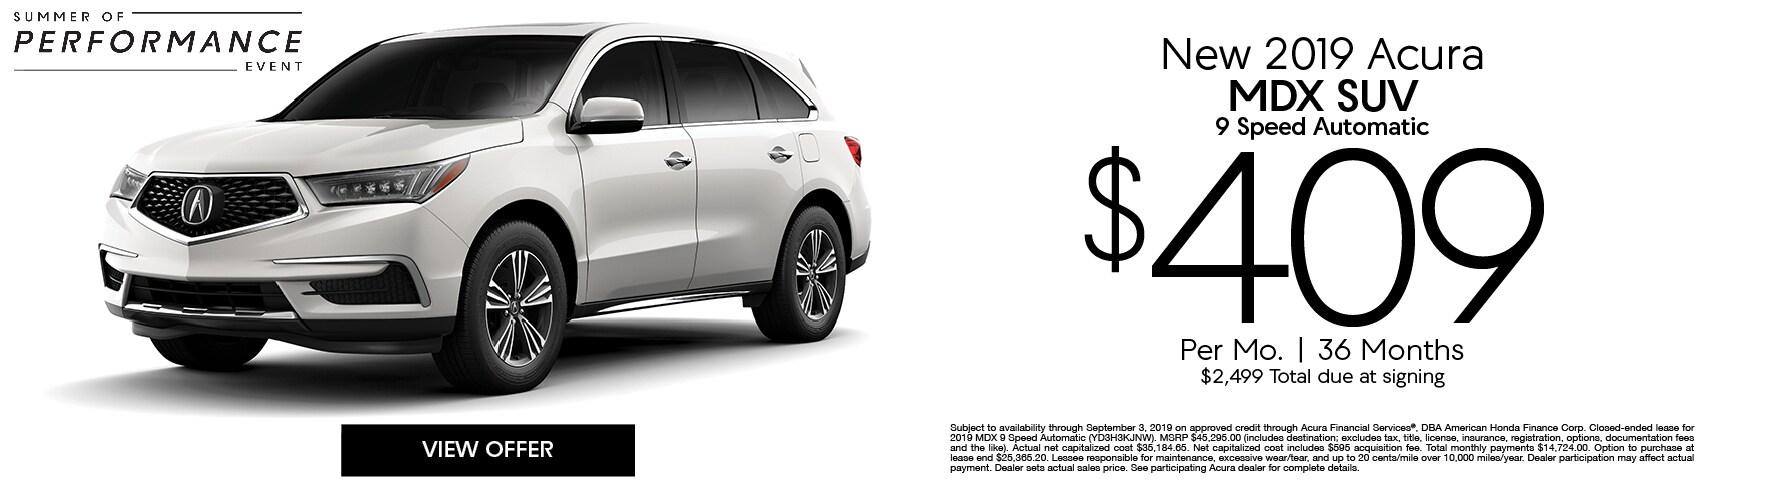 Acura Dealership Dallas >> Dallas Fort Worth Acura Dealer Vandergriff Acura In Arlington